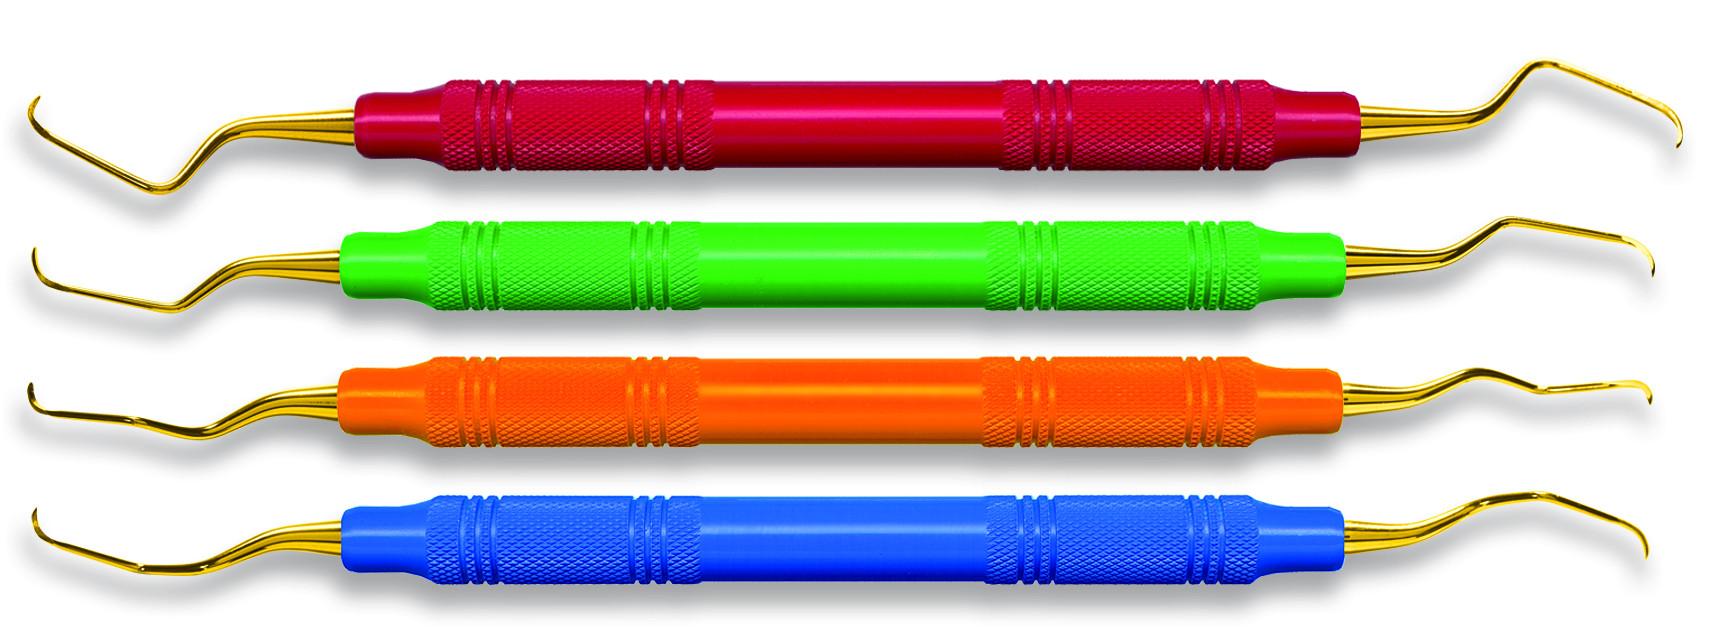 XP® Instrumente von American Eagle - Schön scharf